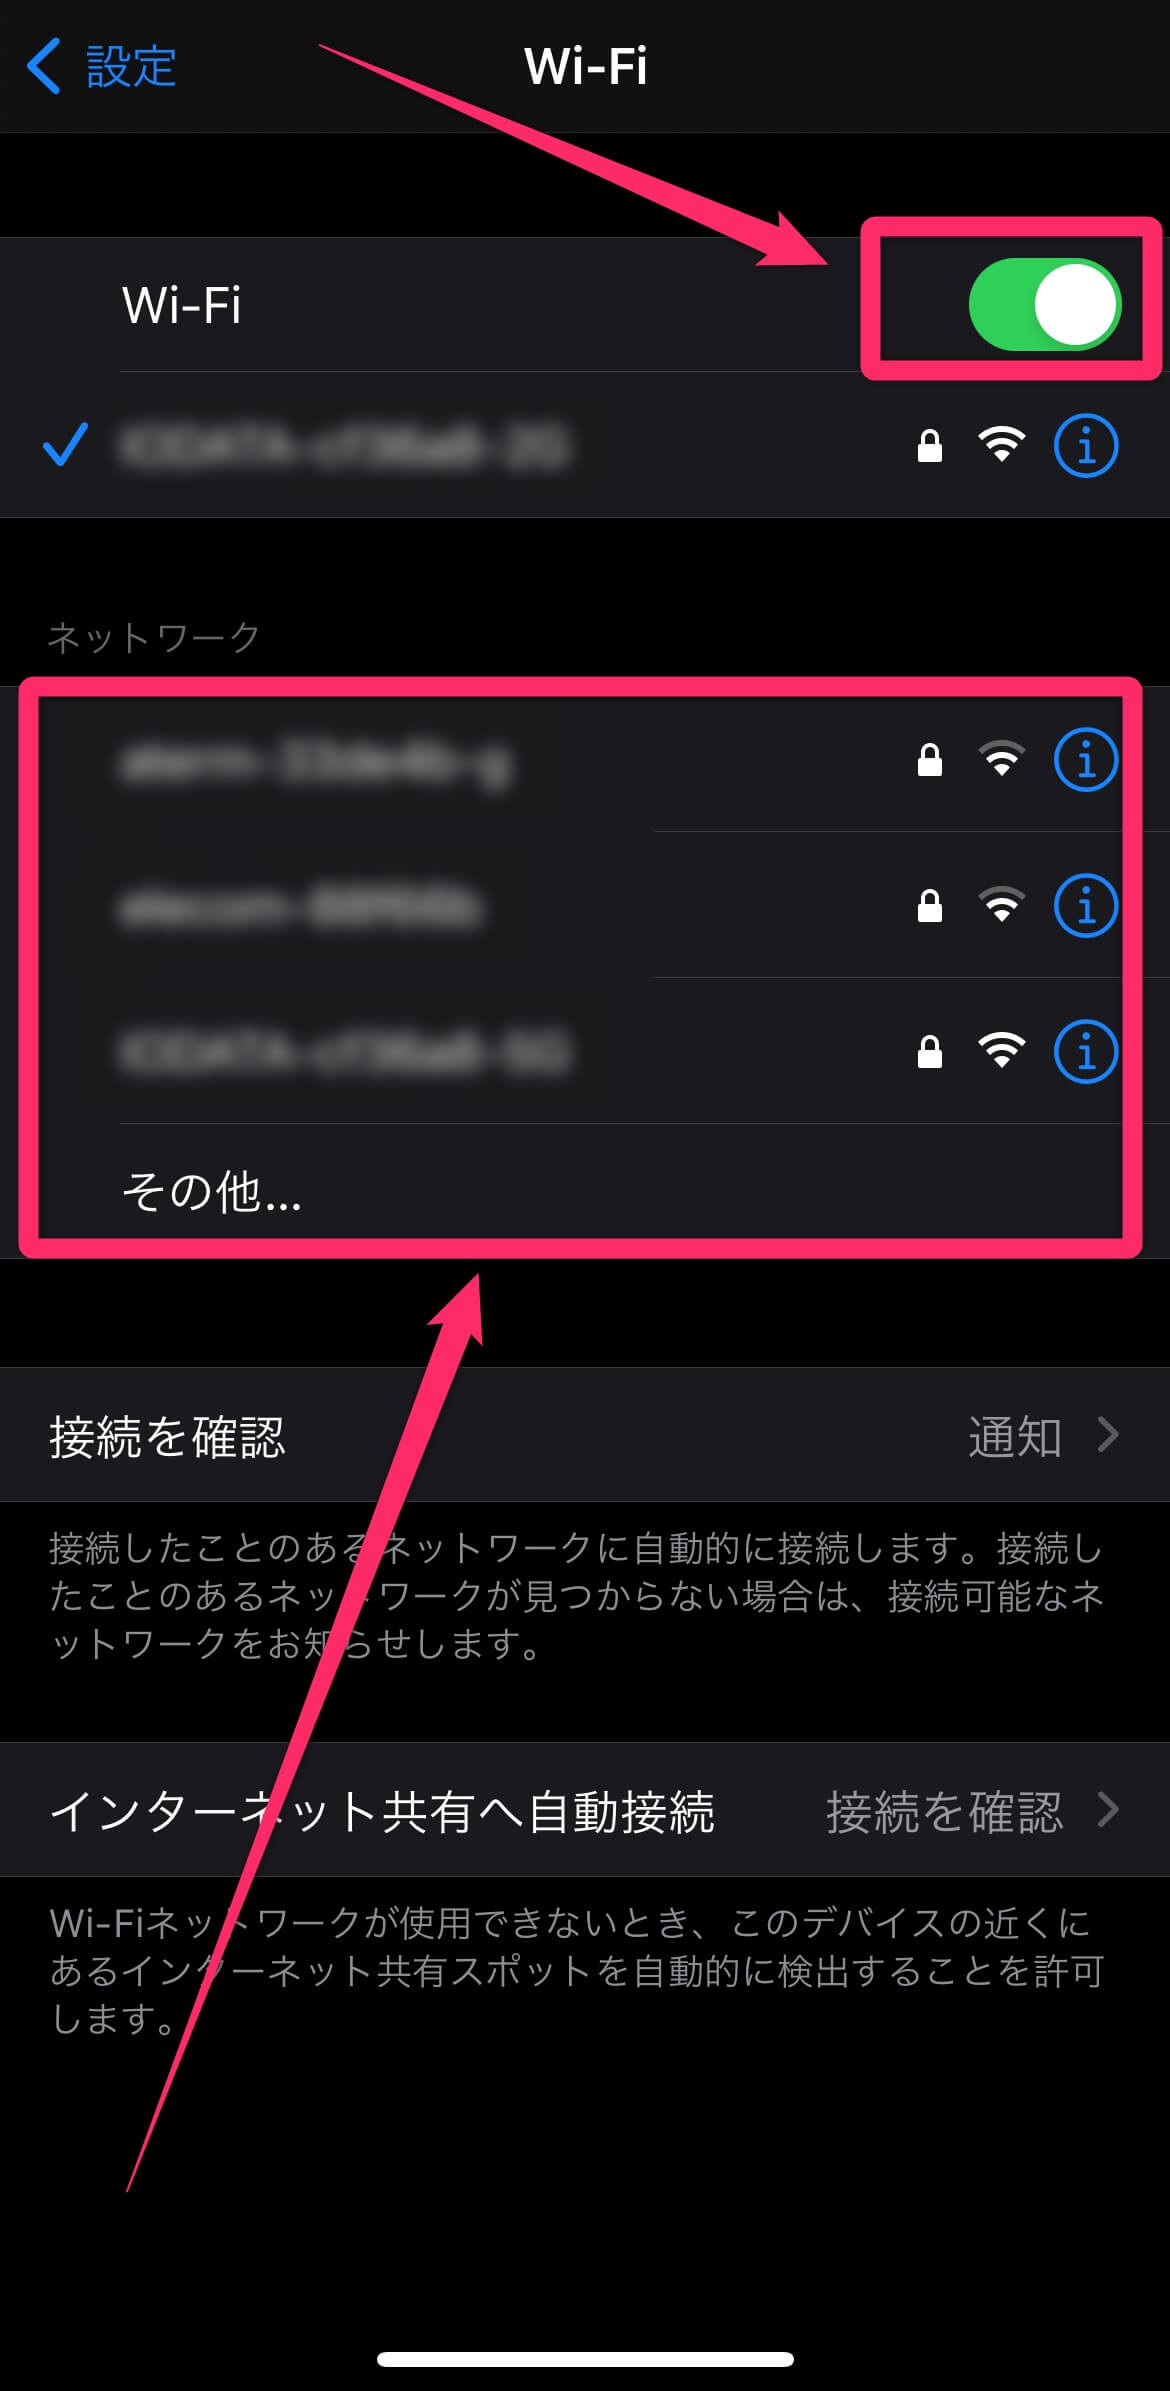 WiFiレンタルどっとこむ